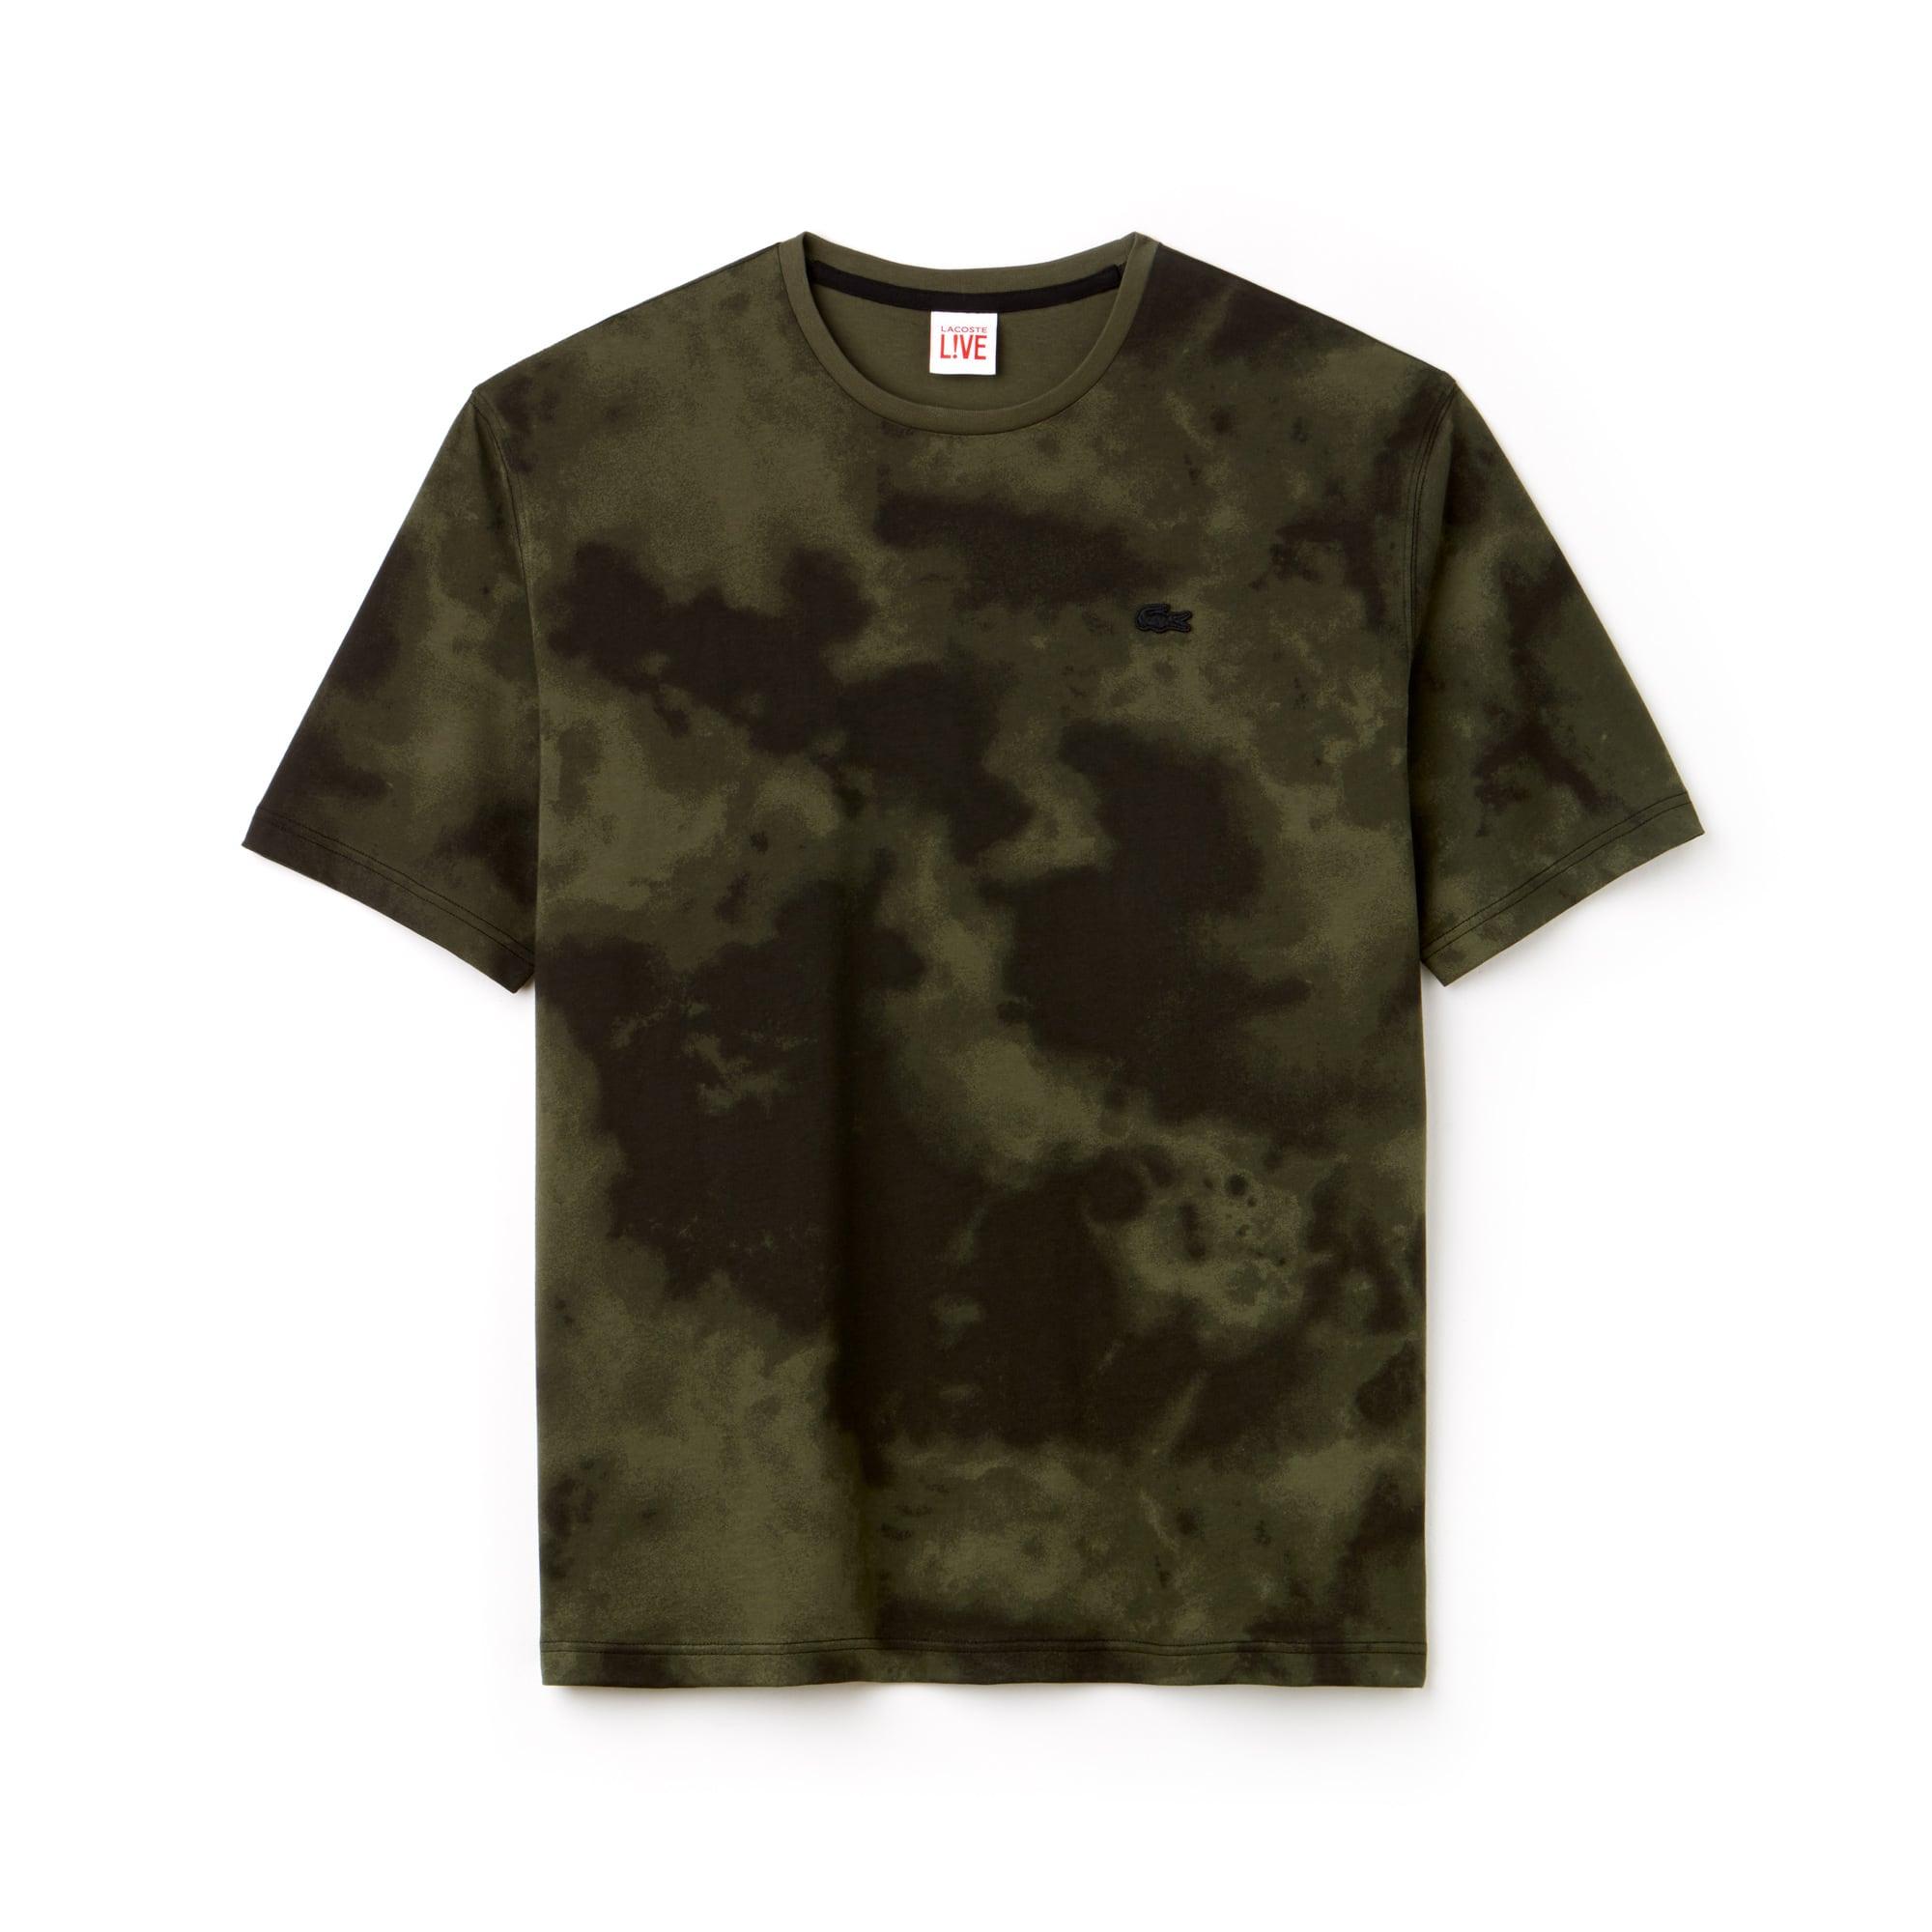 Camiseta De Hombre Lacoste LIVE En Tejido De Punto De Algodón Con Estampado De Nubes Y Cuello Redondo